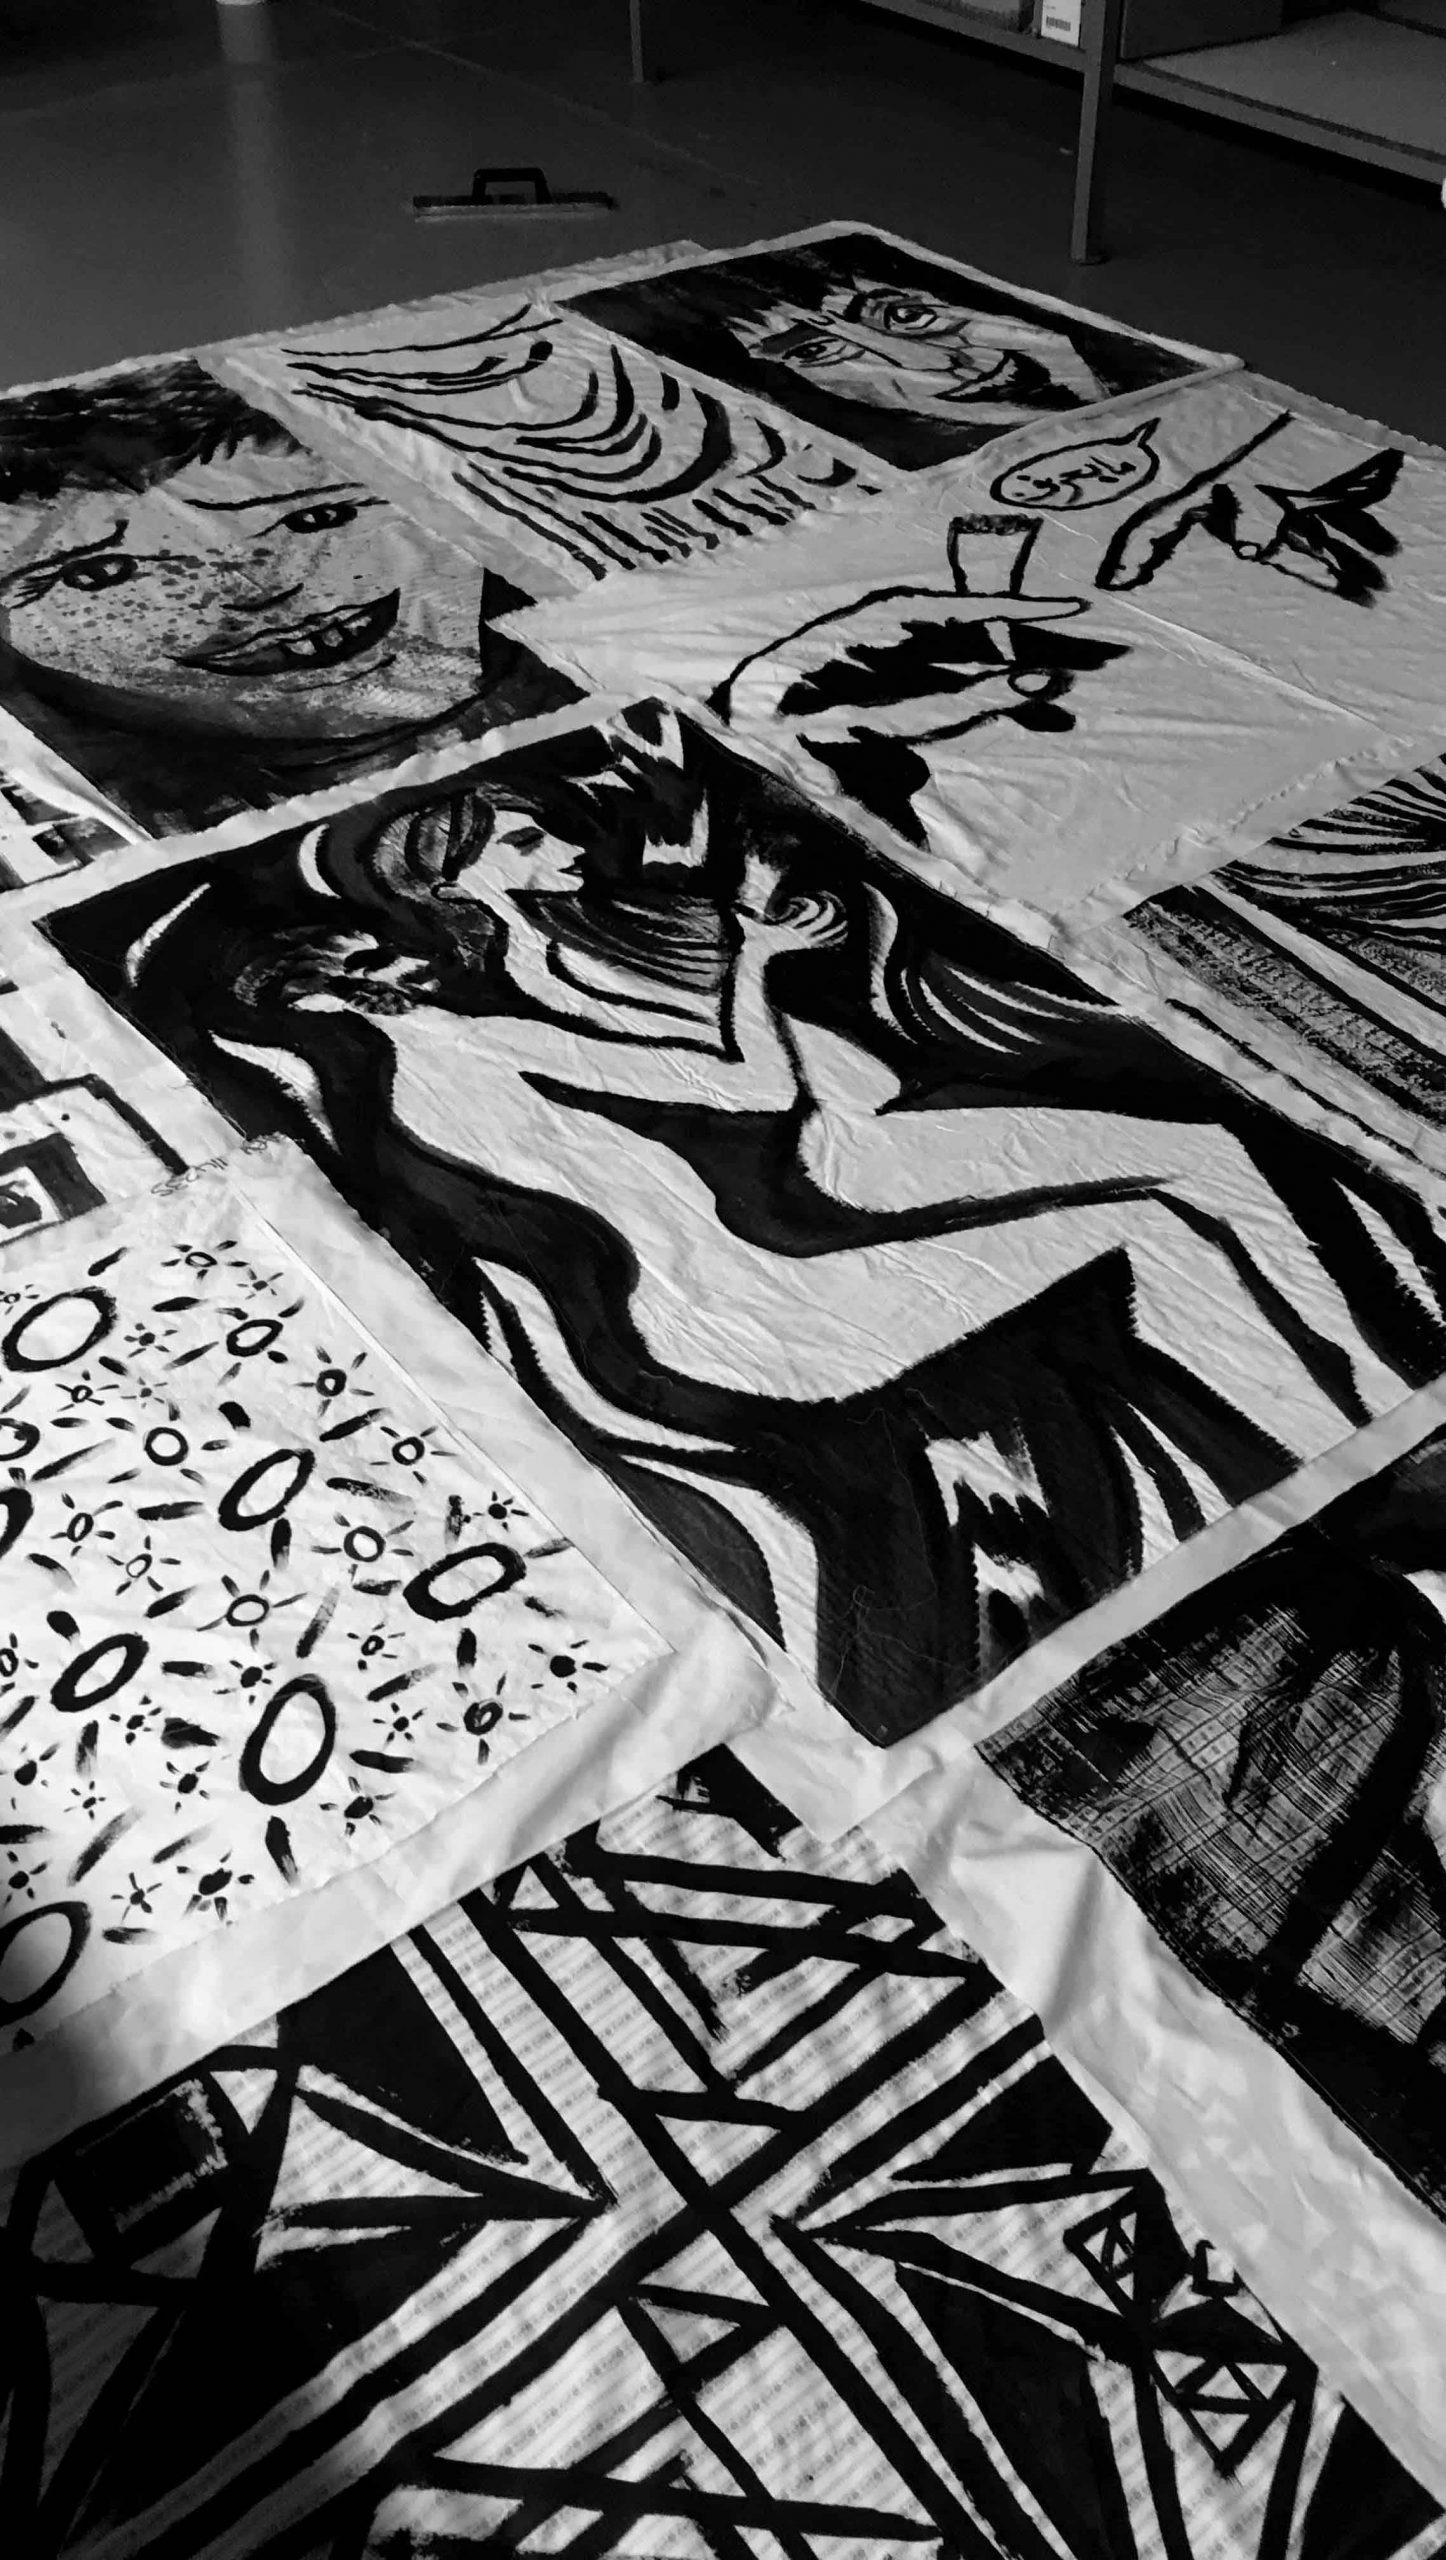 Melampo resilience collection at 10 Corso Como - installation - photo 9